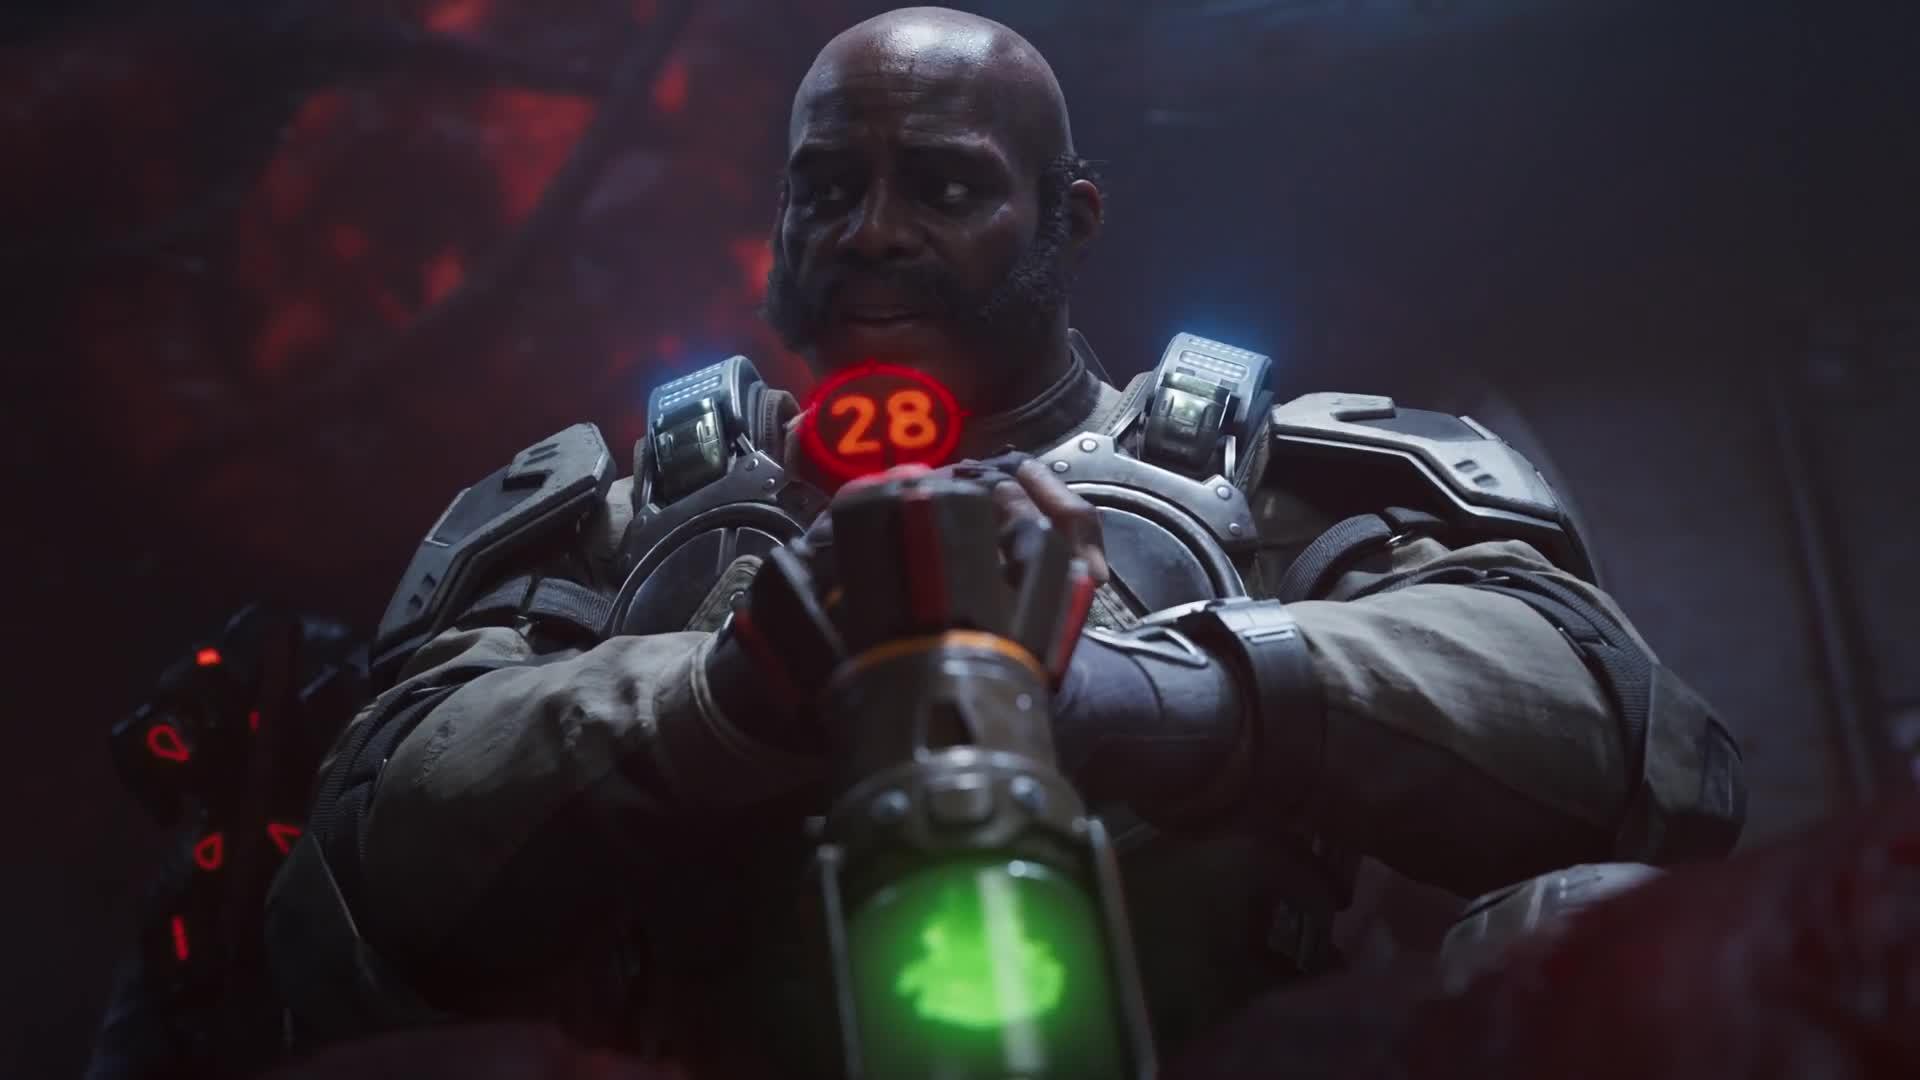 Microsoft, Trailer, Xbox, Xbox One, E3, actionspiel, Microsoft Xbox One, E3 2019, Gears of War, Gears 5